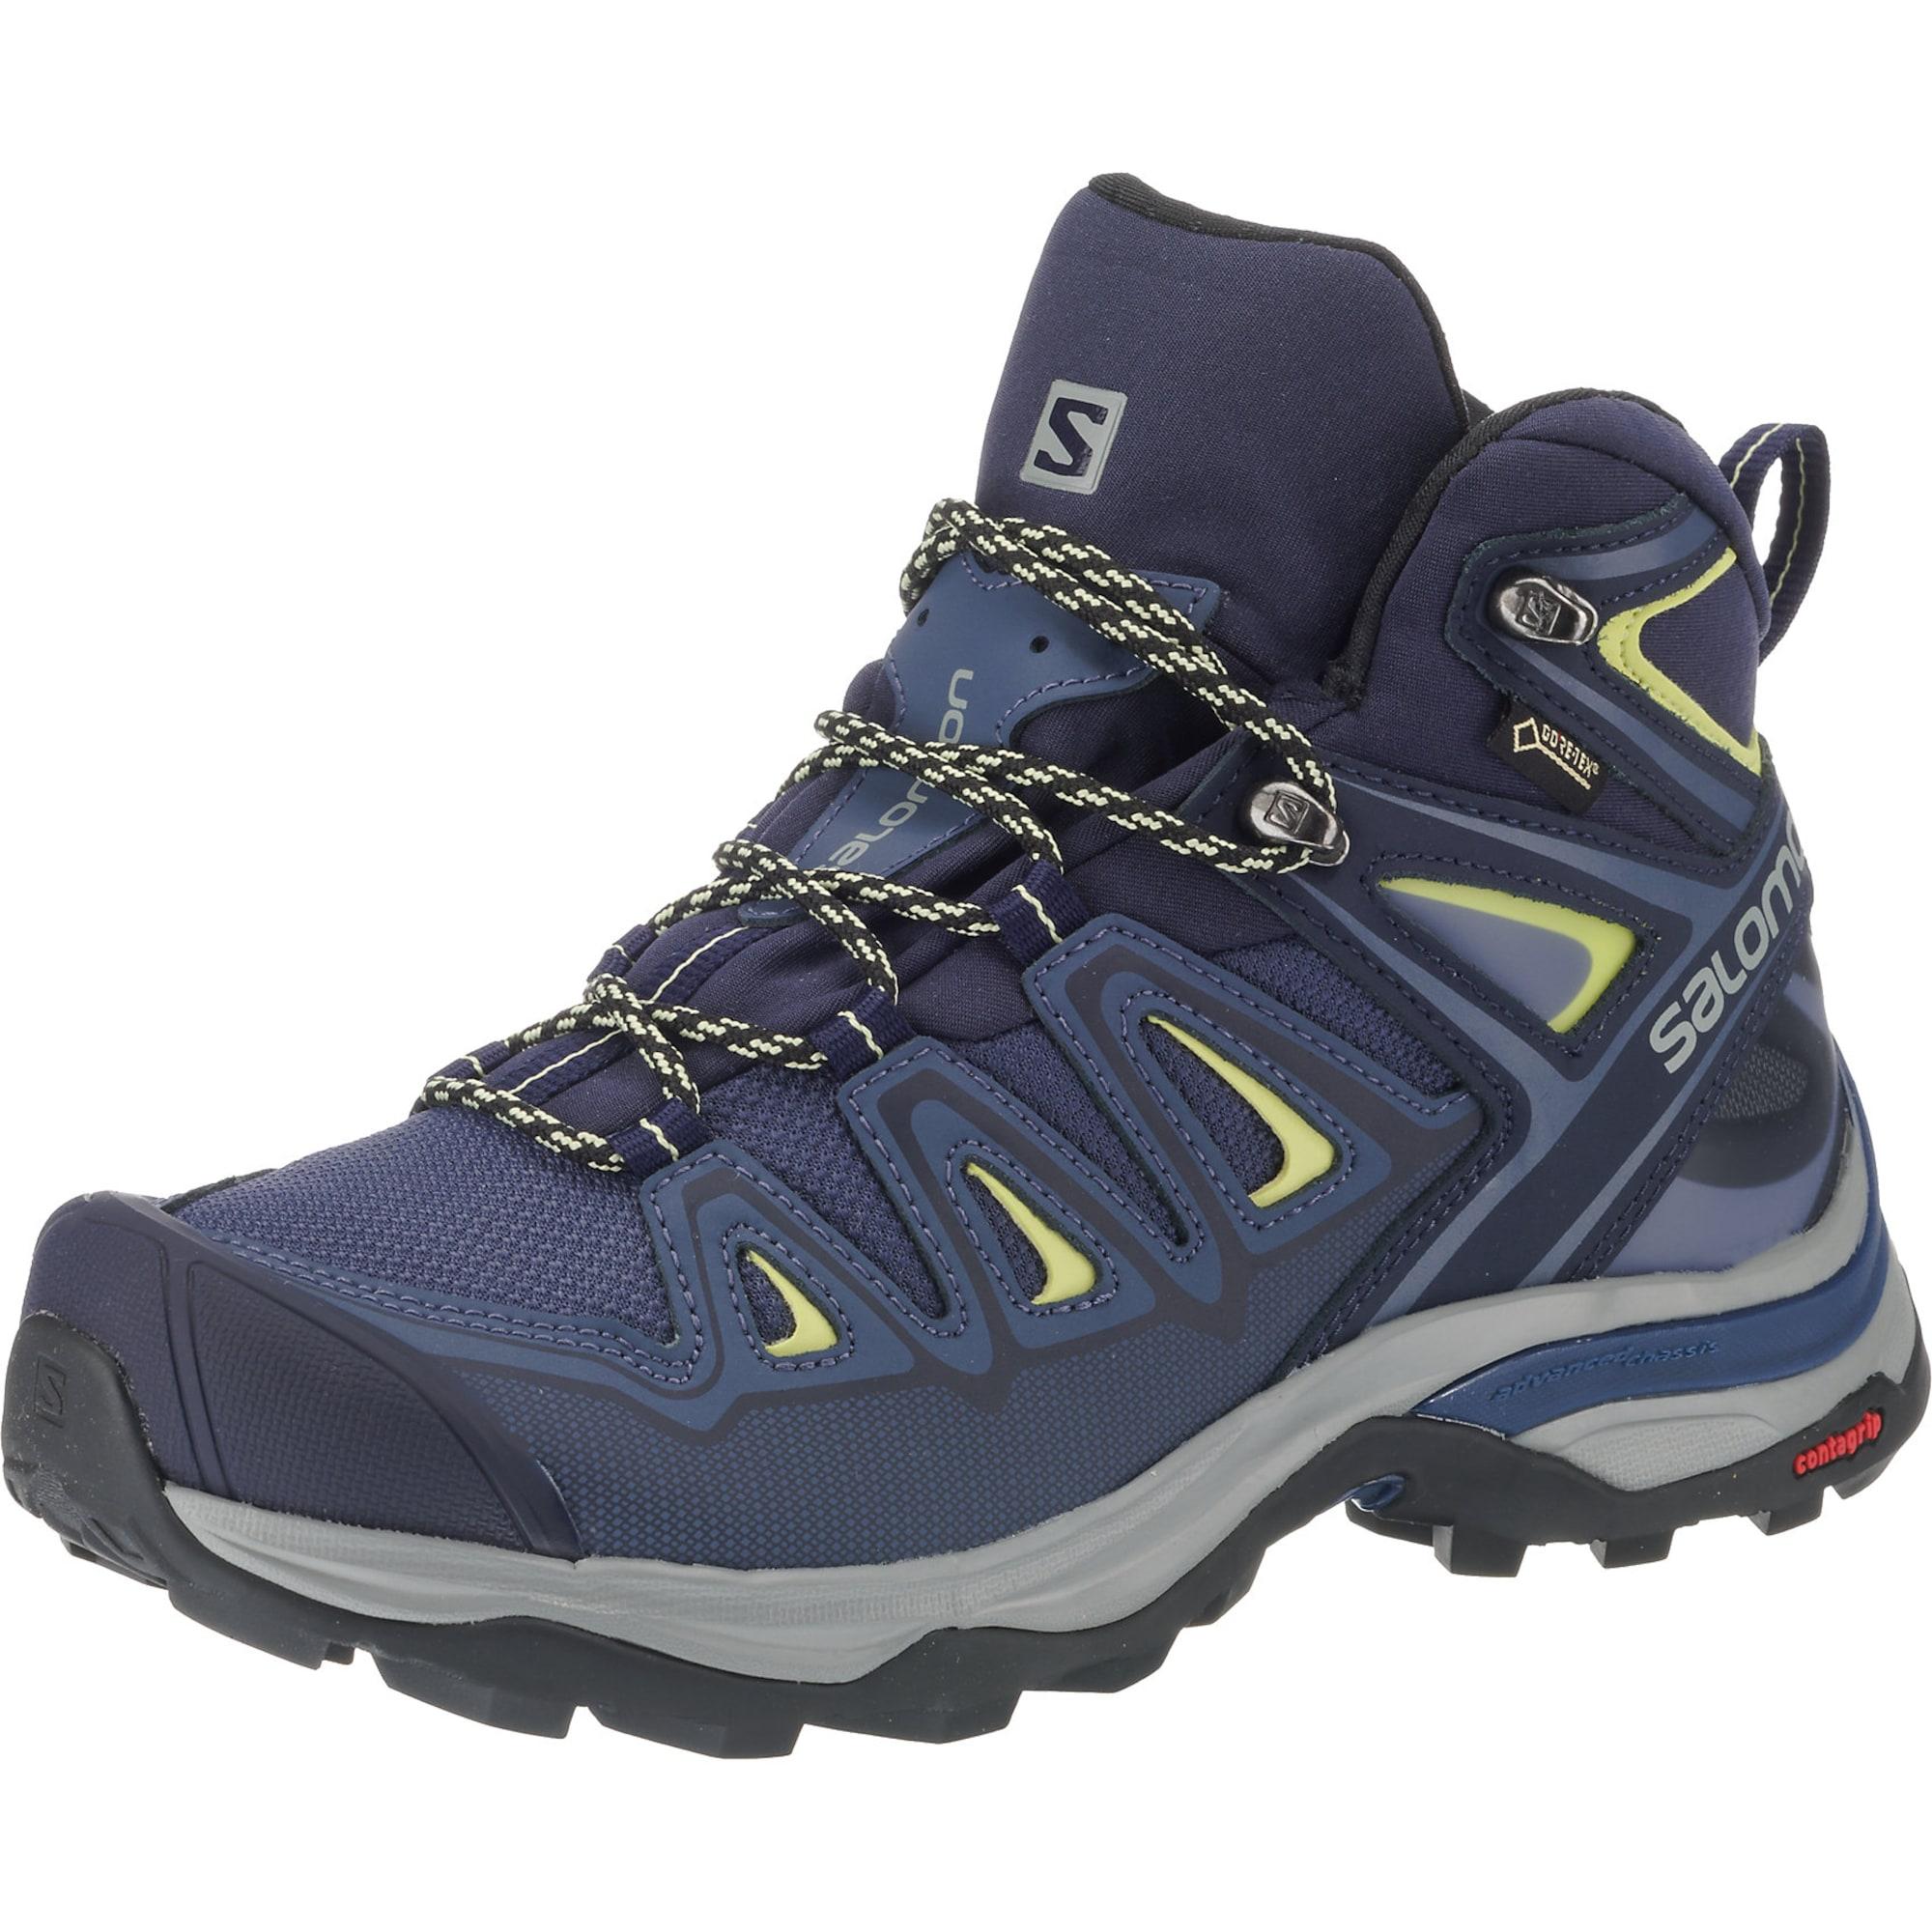 SALOMON, Dames Boots 'X ULTRA 3 MID GTX', blauw / grijs / limoen / zwart